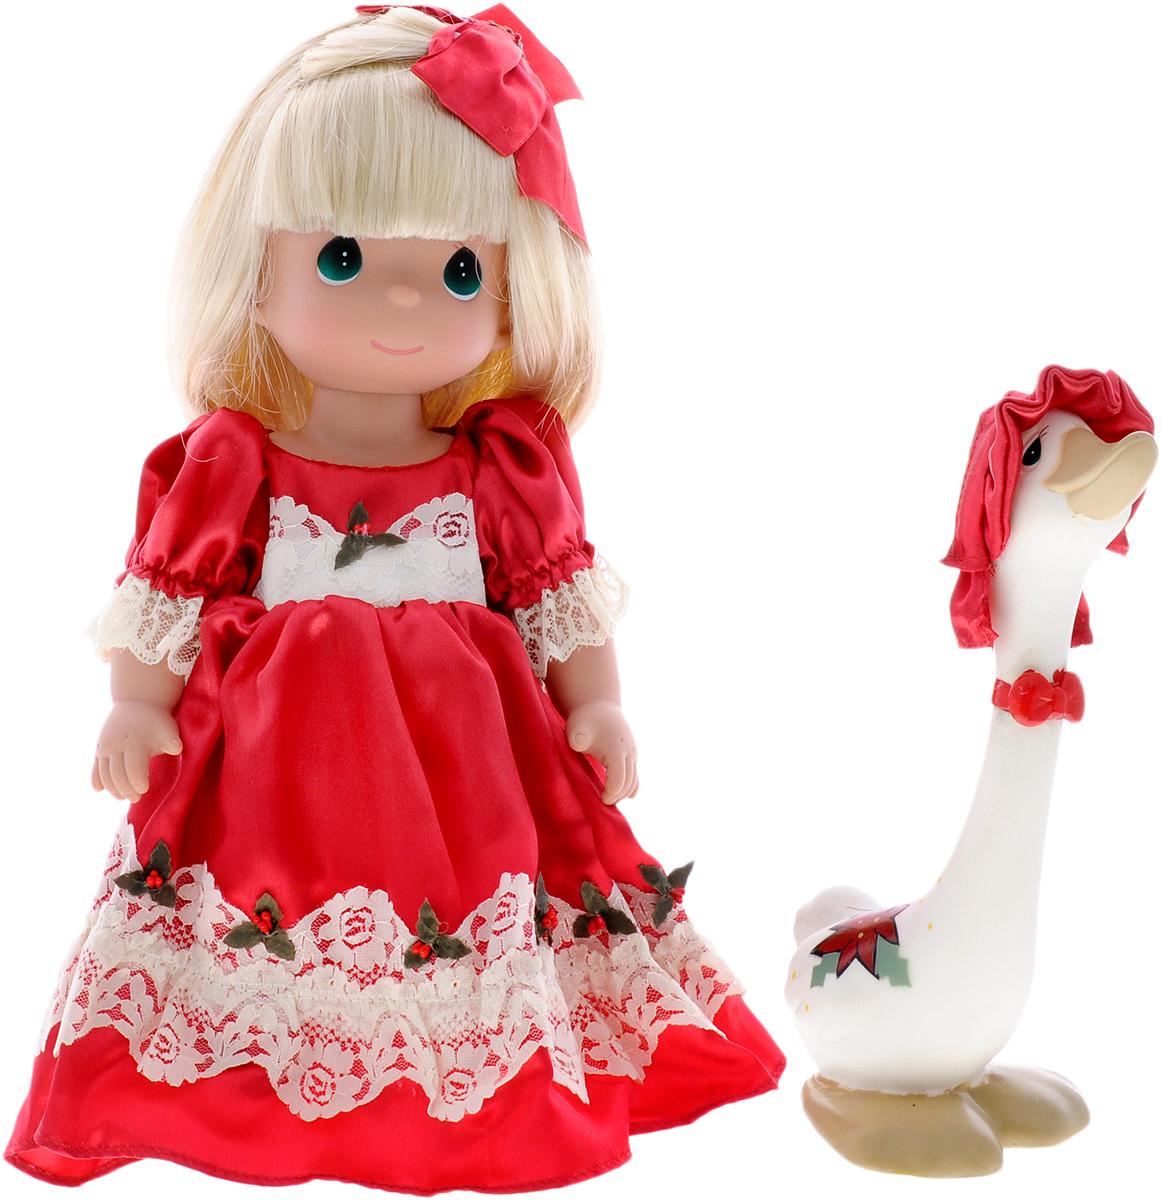 Фото Precious Moments Кукла Рождество. Купить в РФ